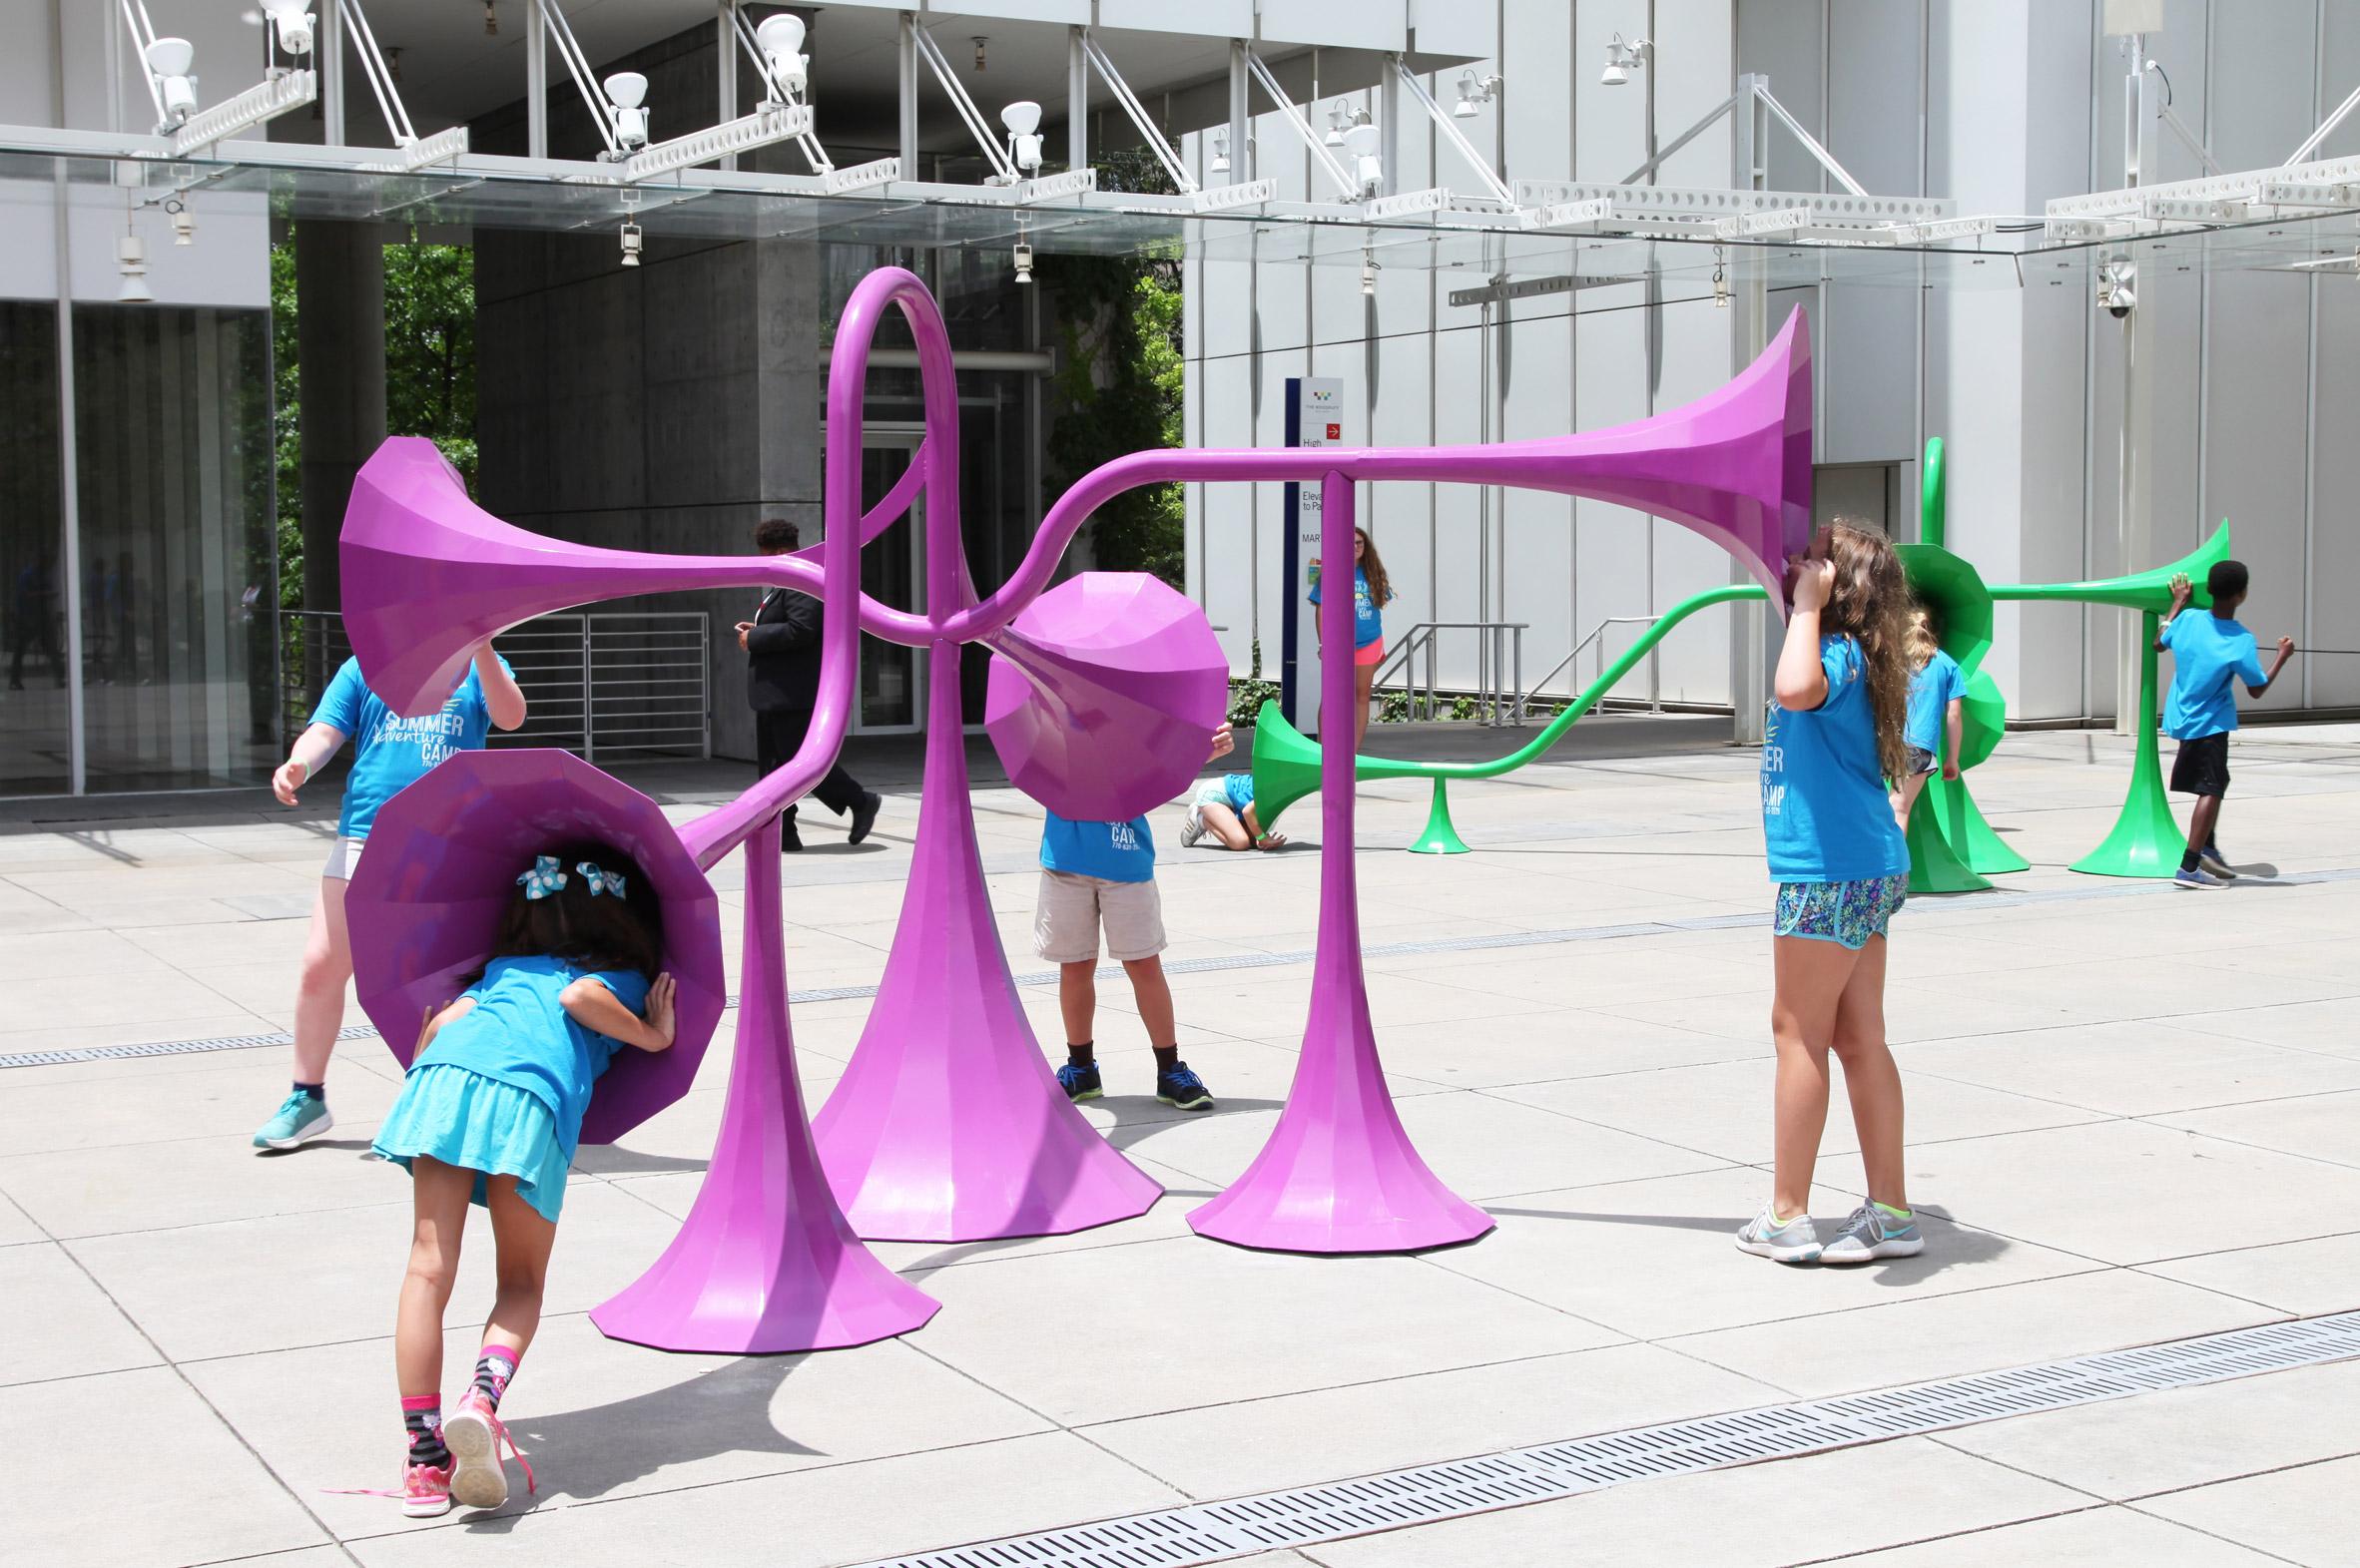 Yuri Suzuki sound design projects: Sonic Playground